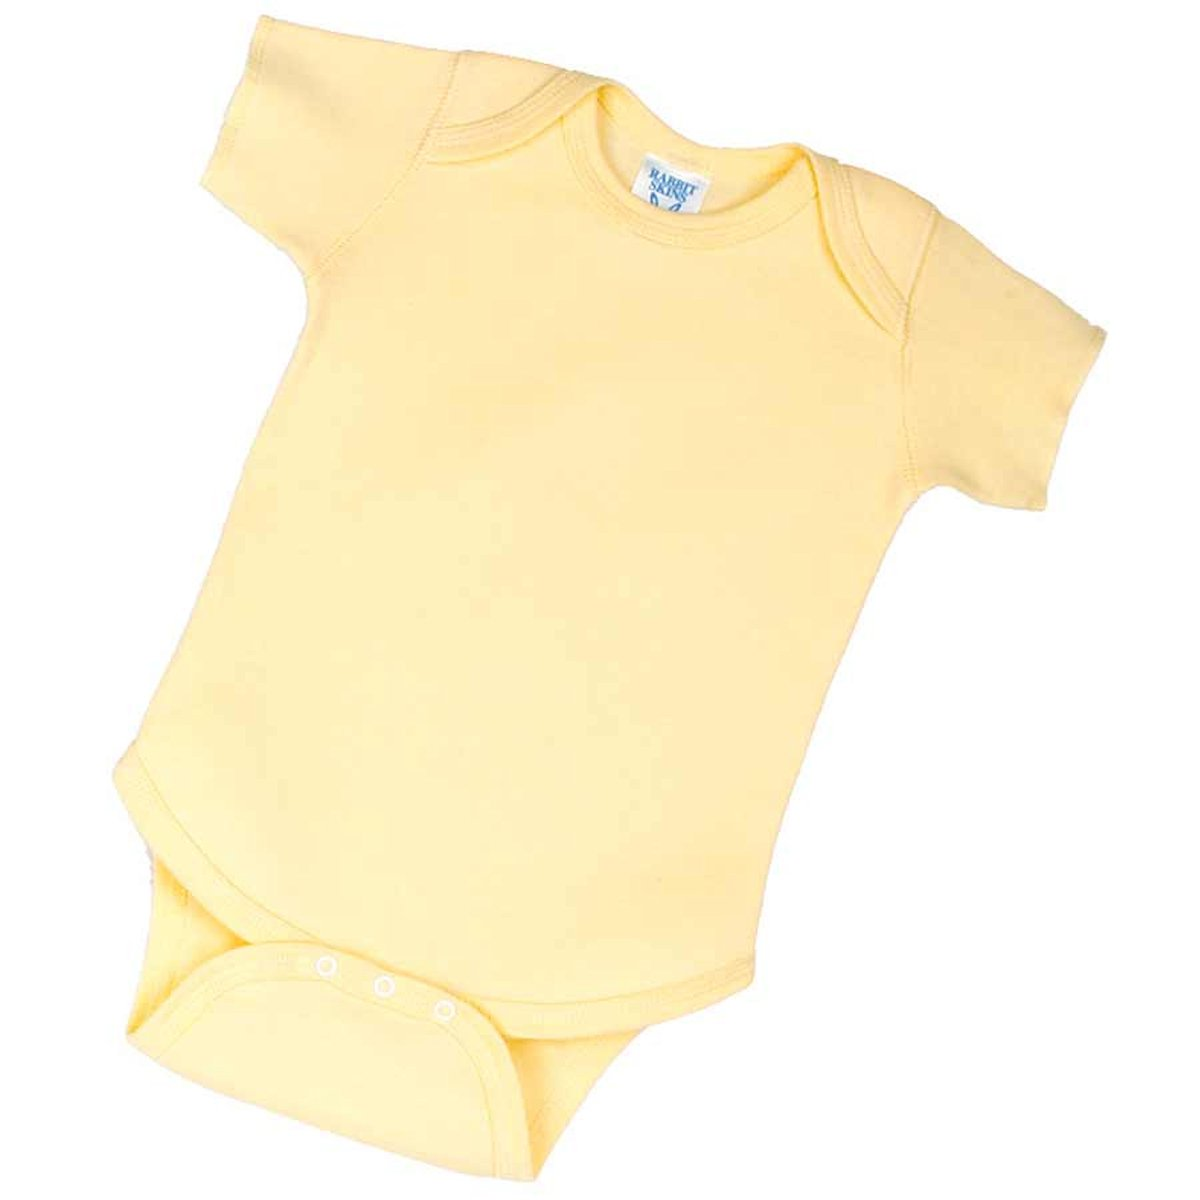 10 RABBIT SKIN INFANT ONESIE Wholesale To Public Choose colors sizes Newborn 6M 12M 18M 24M #4400